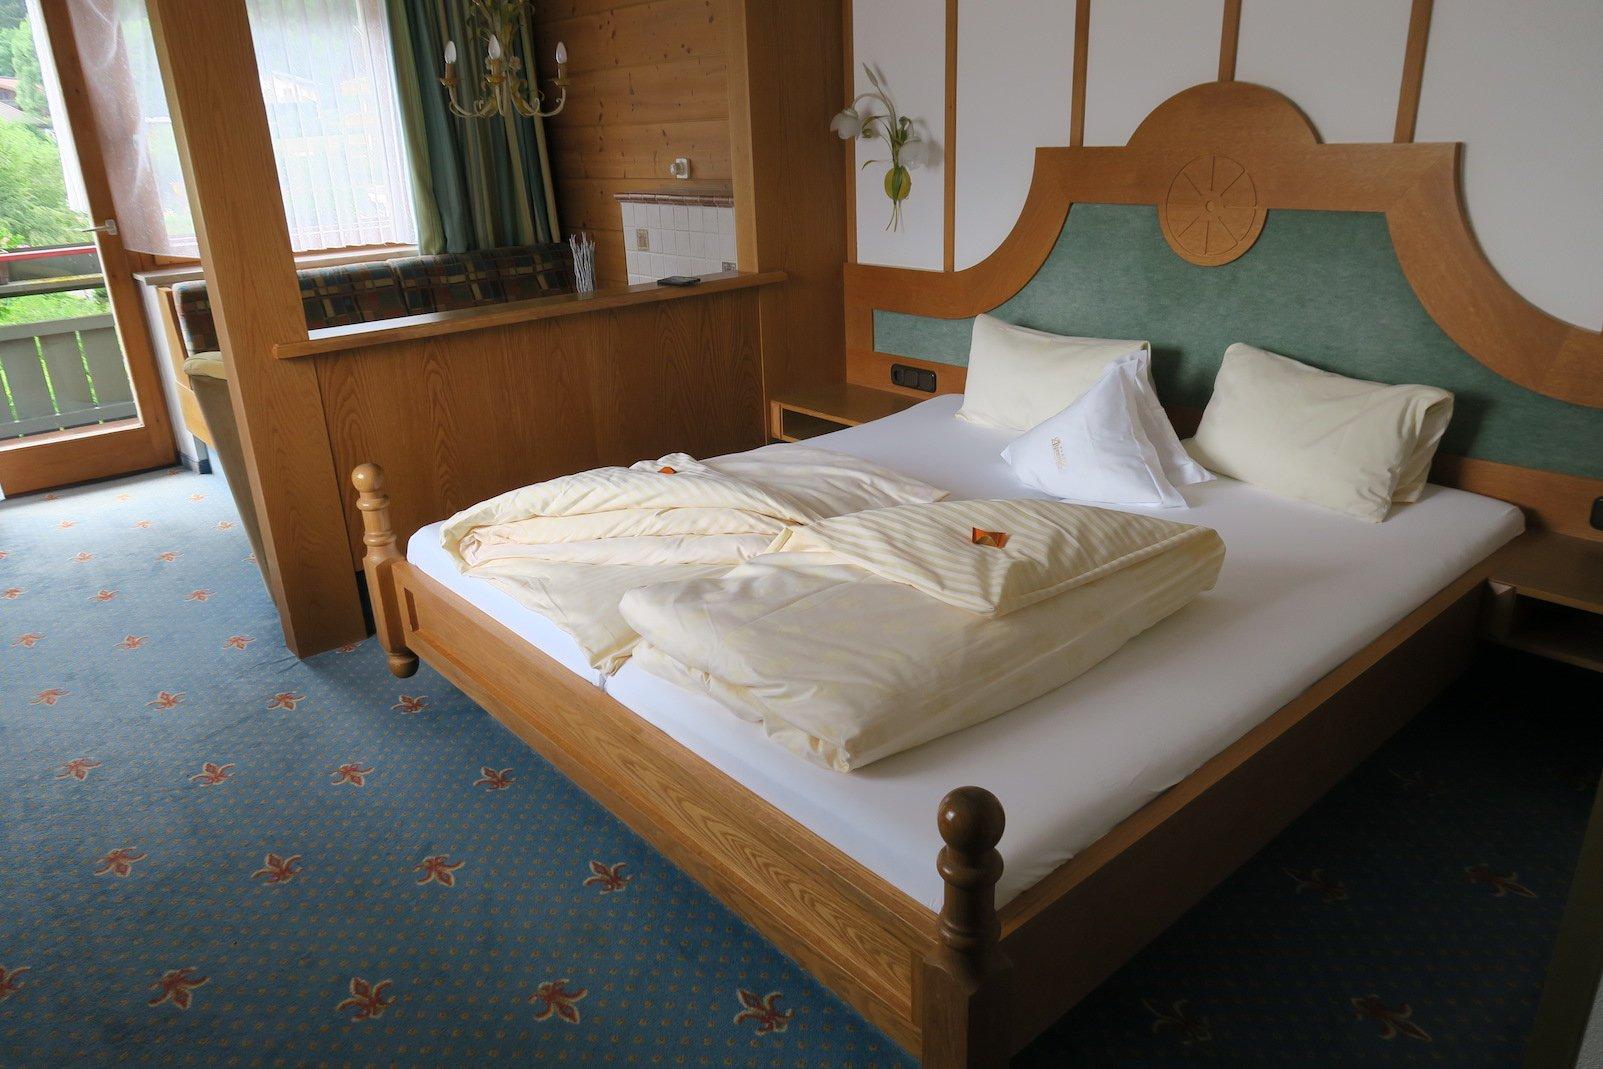 Großes Bett im Hotel Alpenrose in Elbigenalp